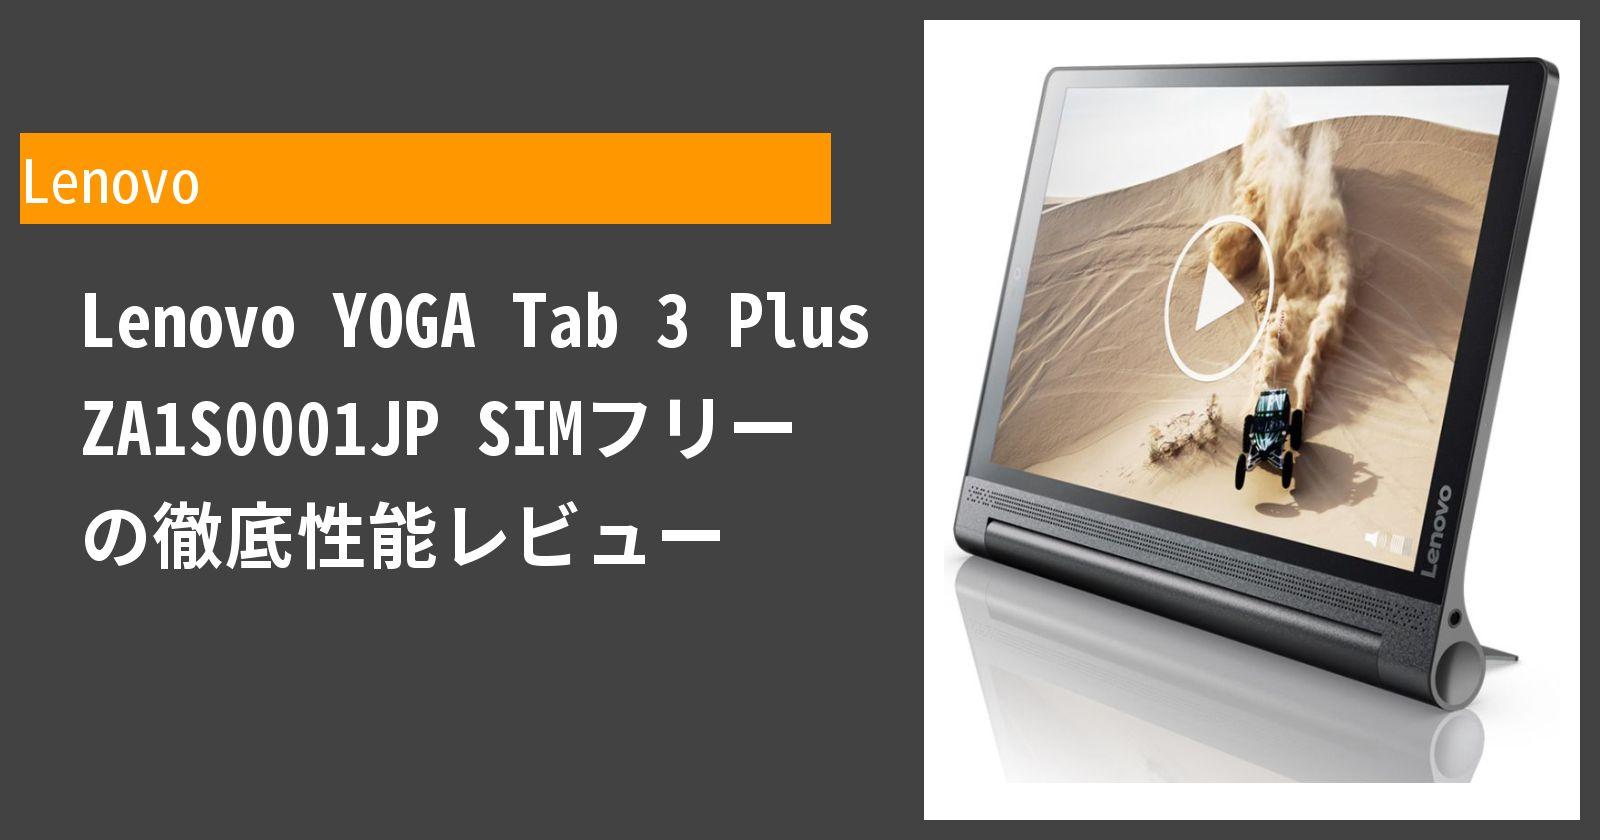 YOGA Tab 3 Plus ZA1S0001JP SIMフリー の徹底性能レビュー